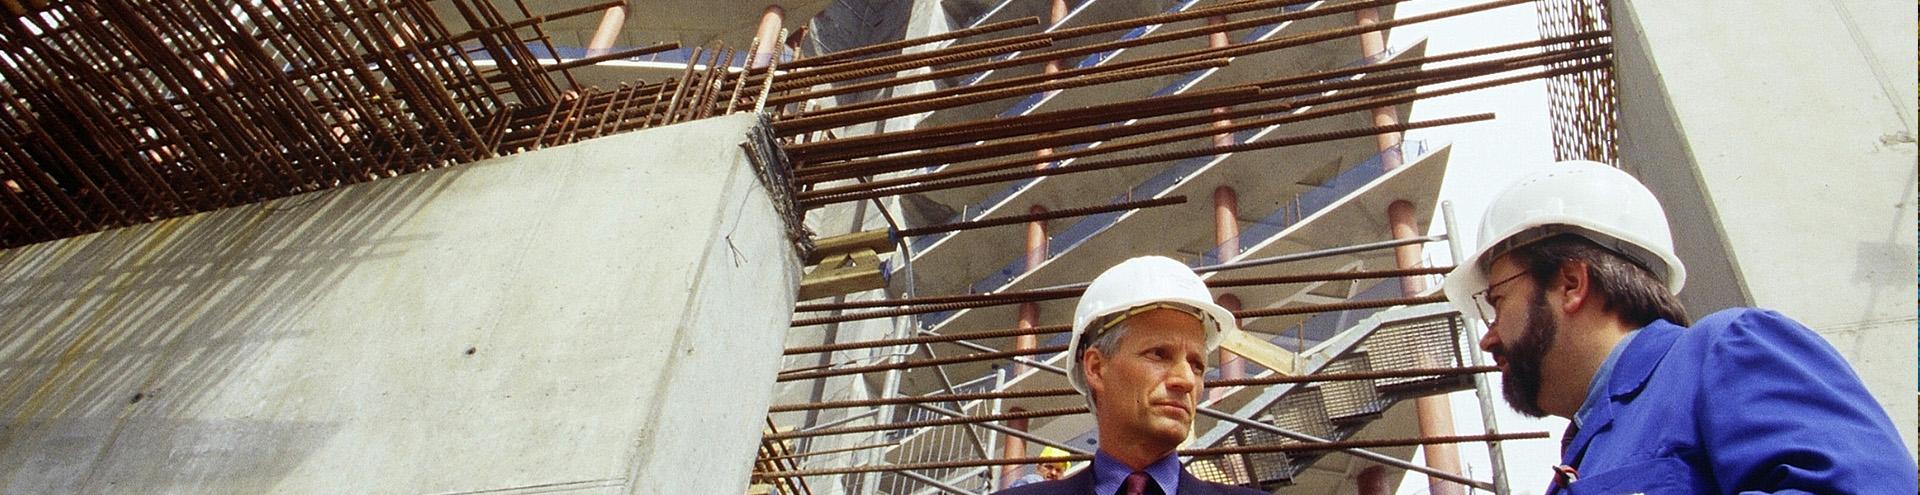 Юрист по долевому строительству в Рязани и Рязанской области